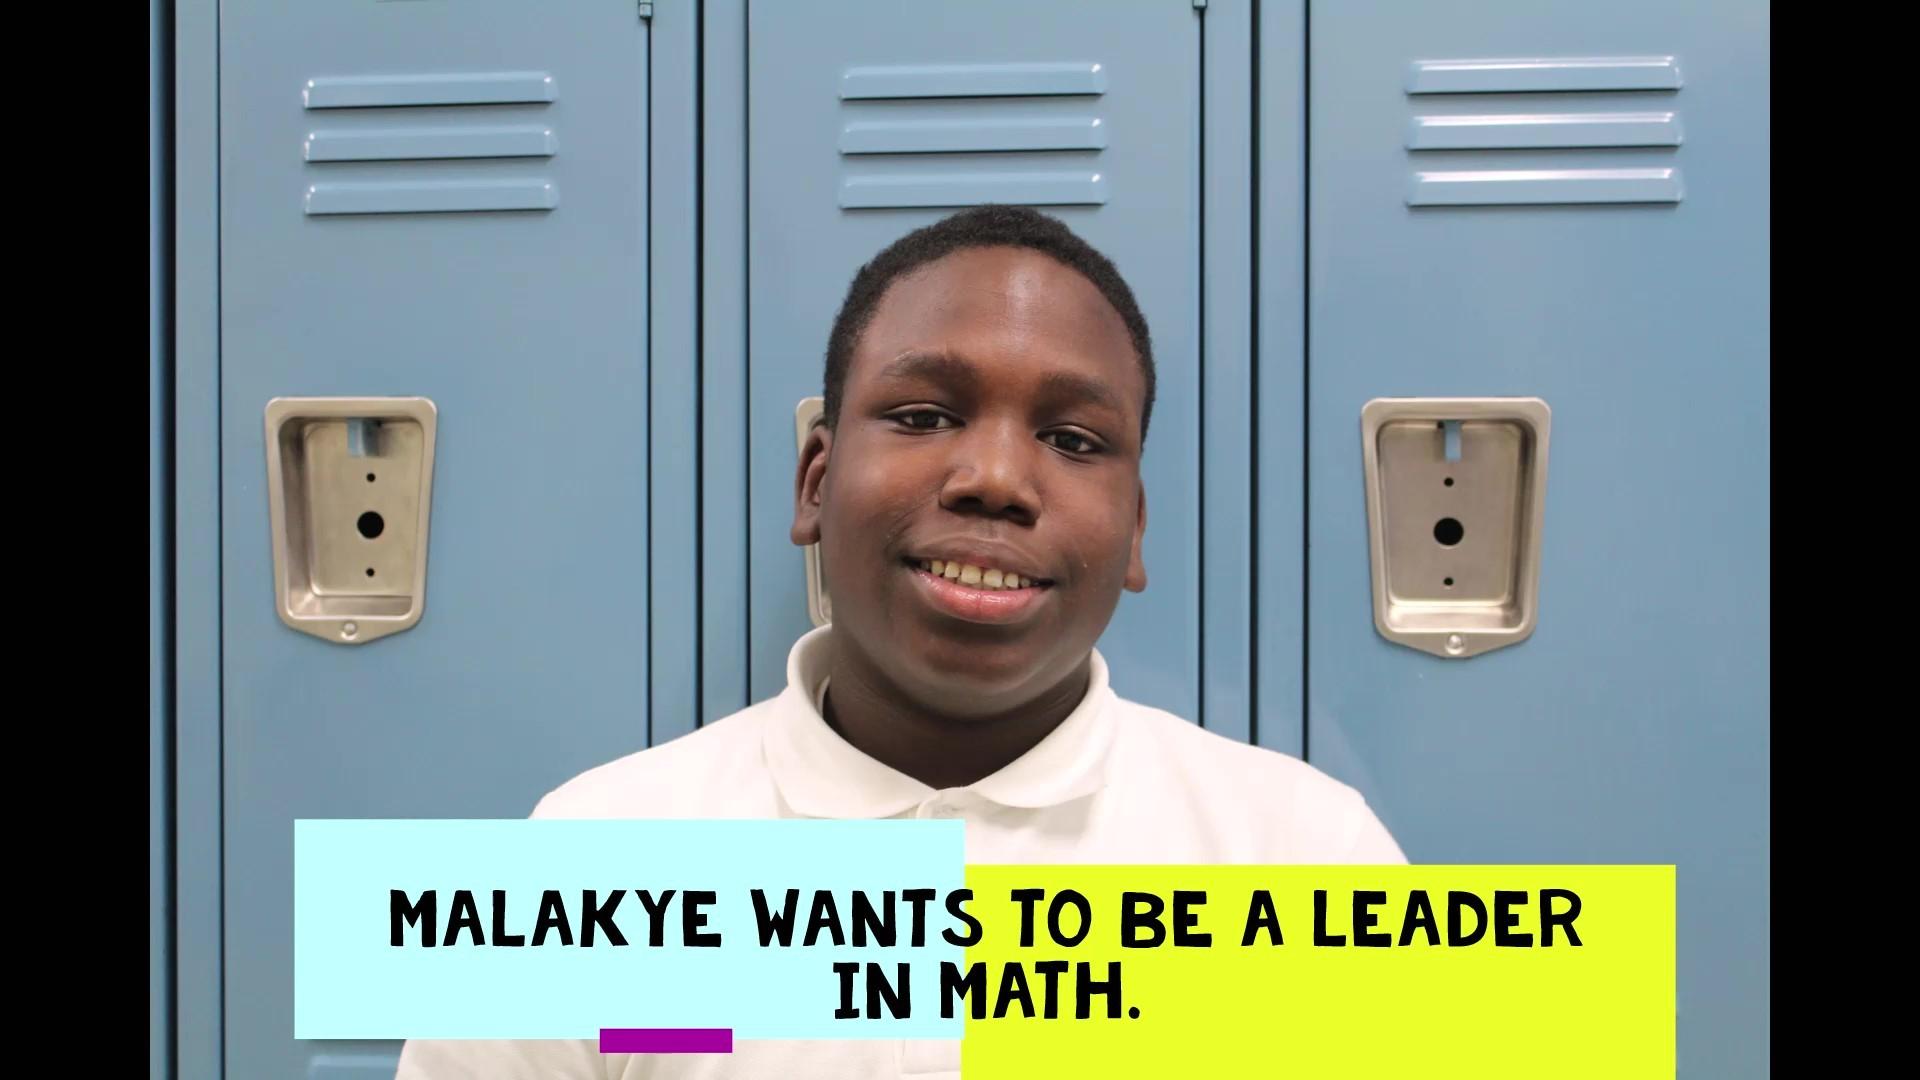 Math grade 7 moment